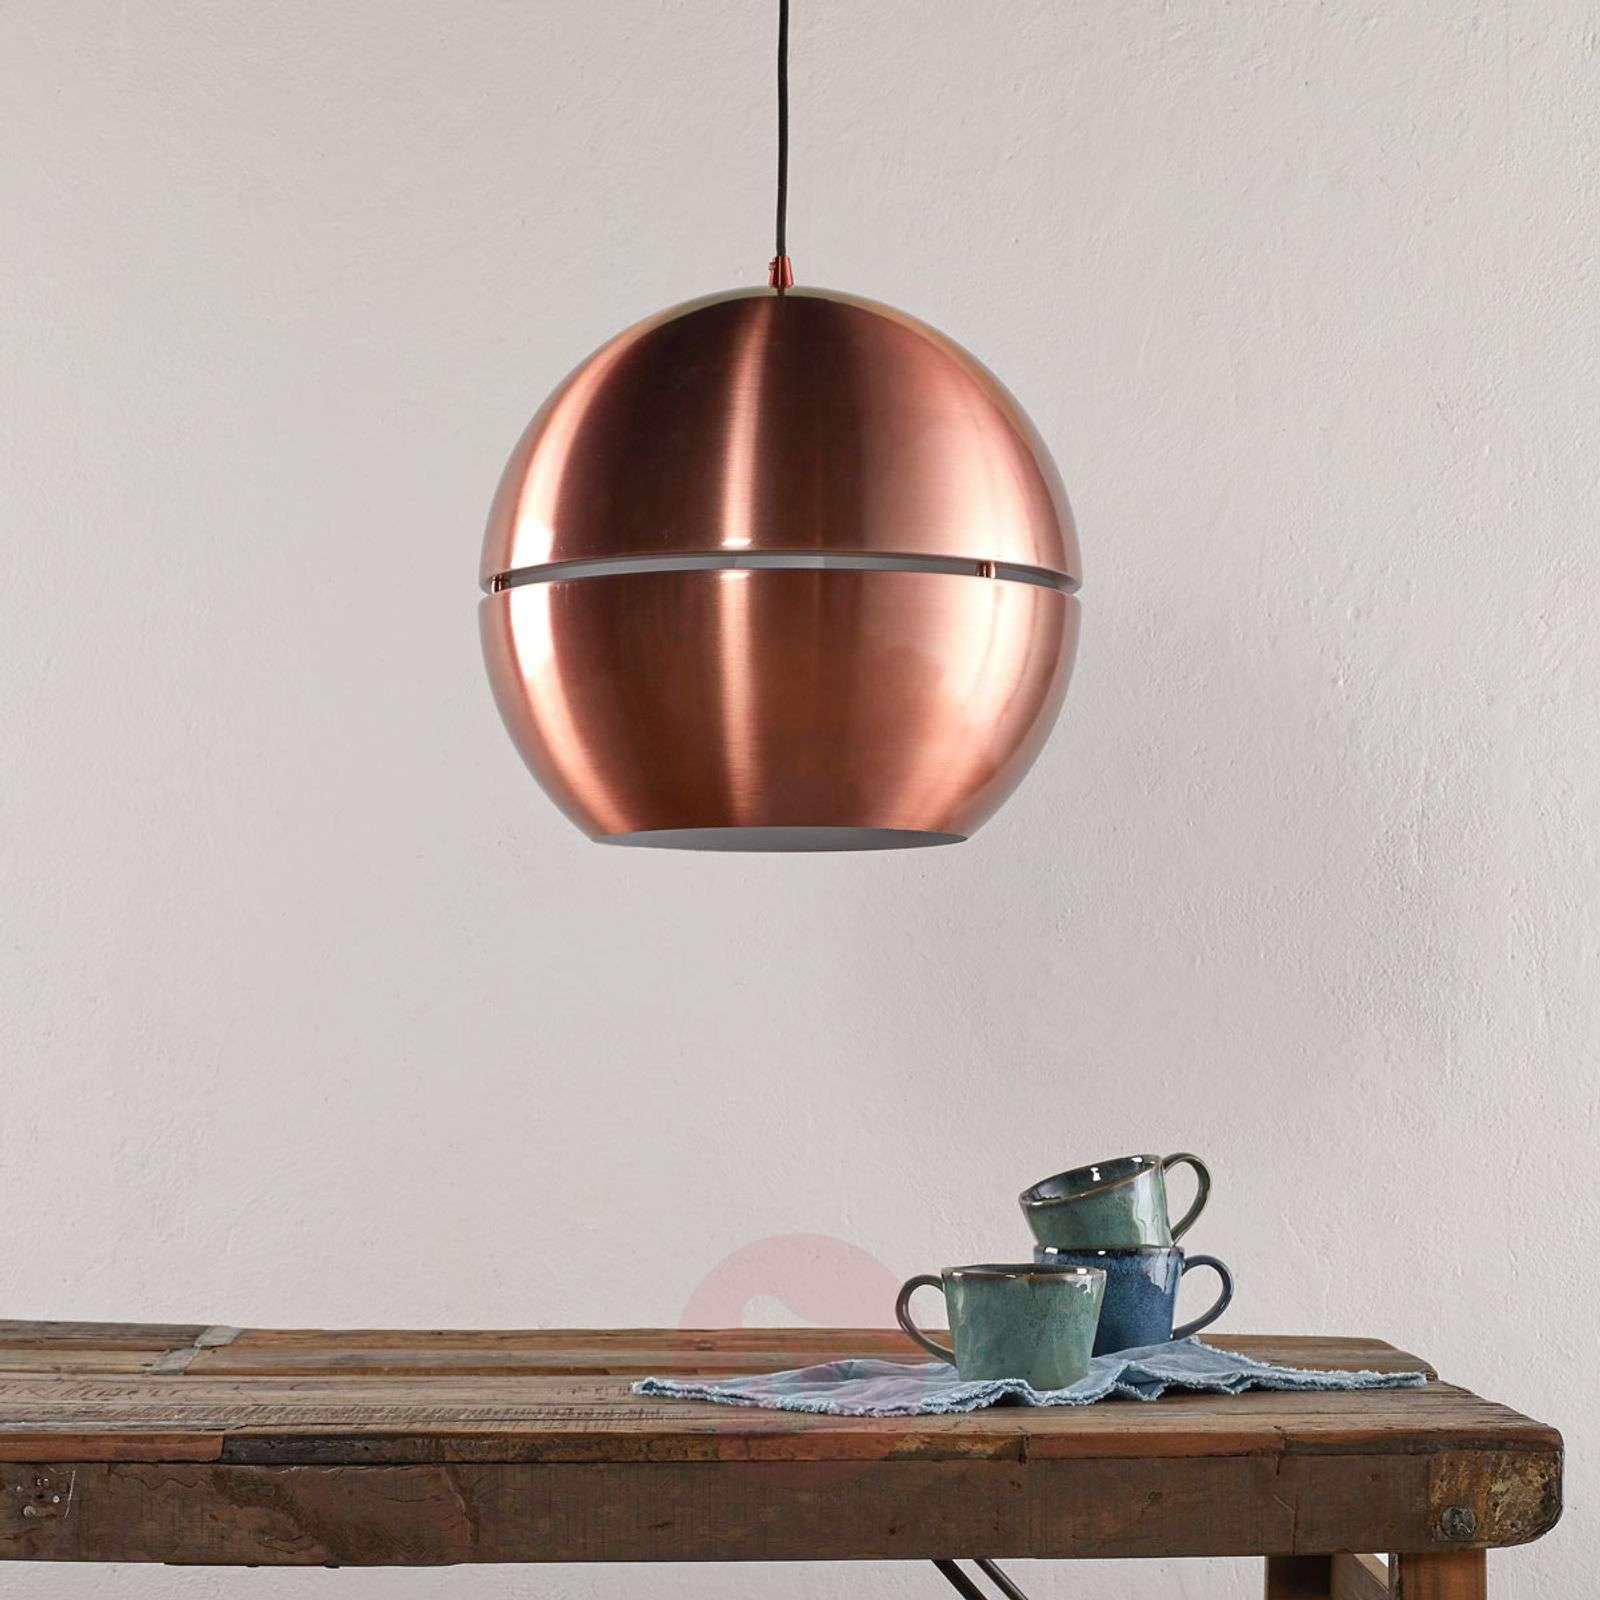 40 cm diameter Bollique hanging light-8509635-01